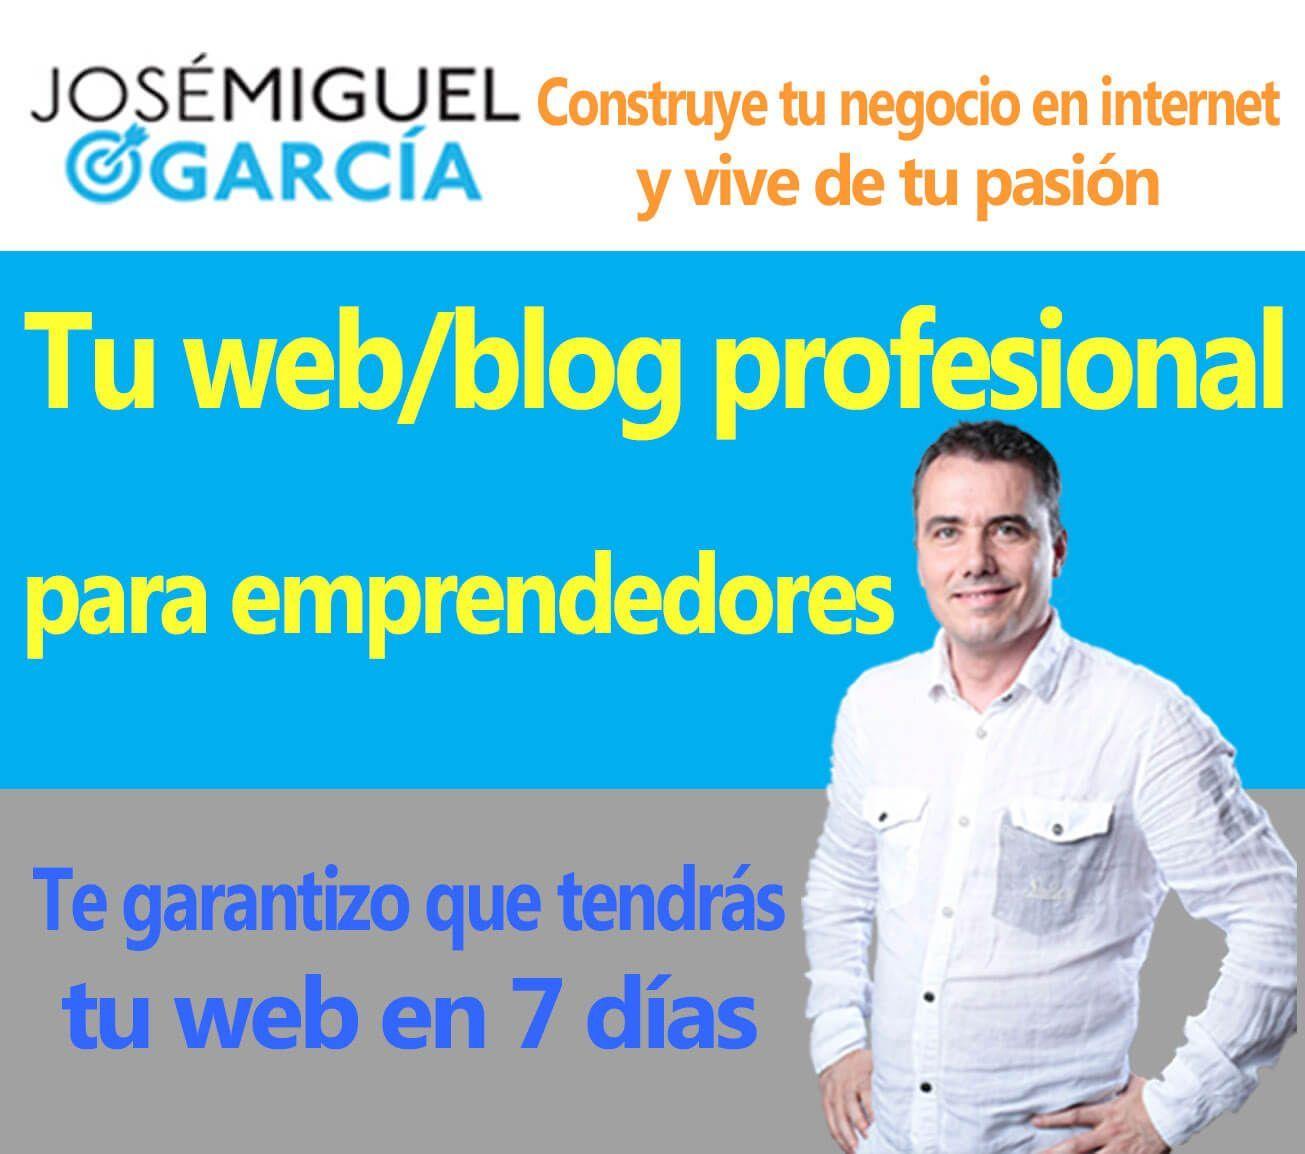 Blog profesional emprendedores